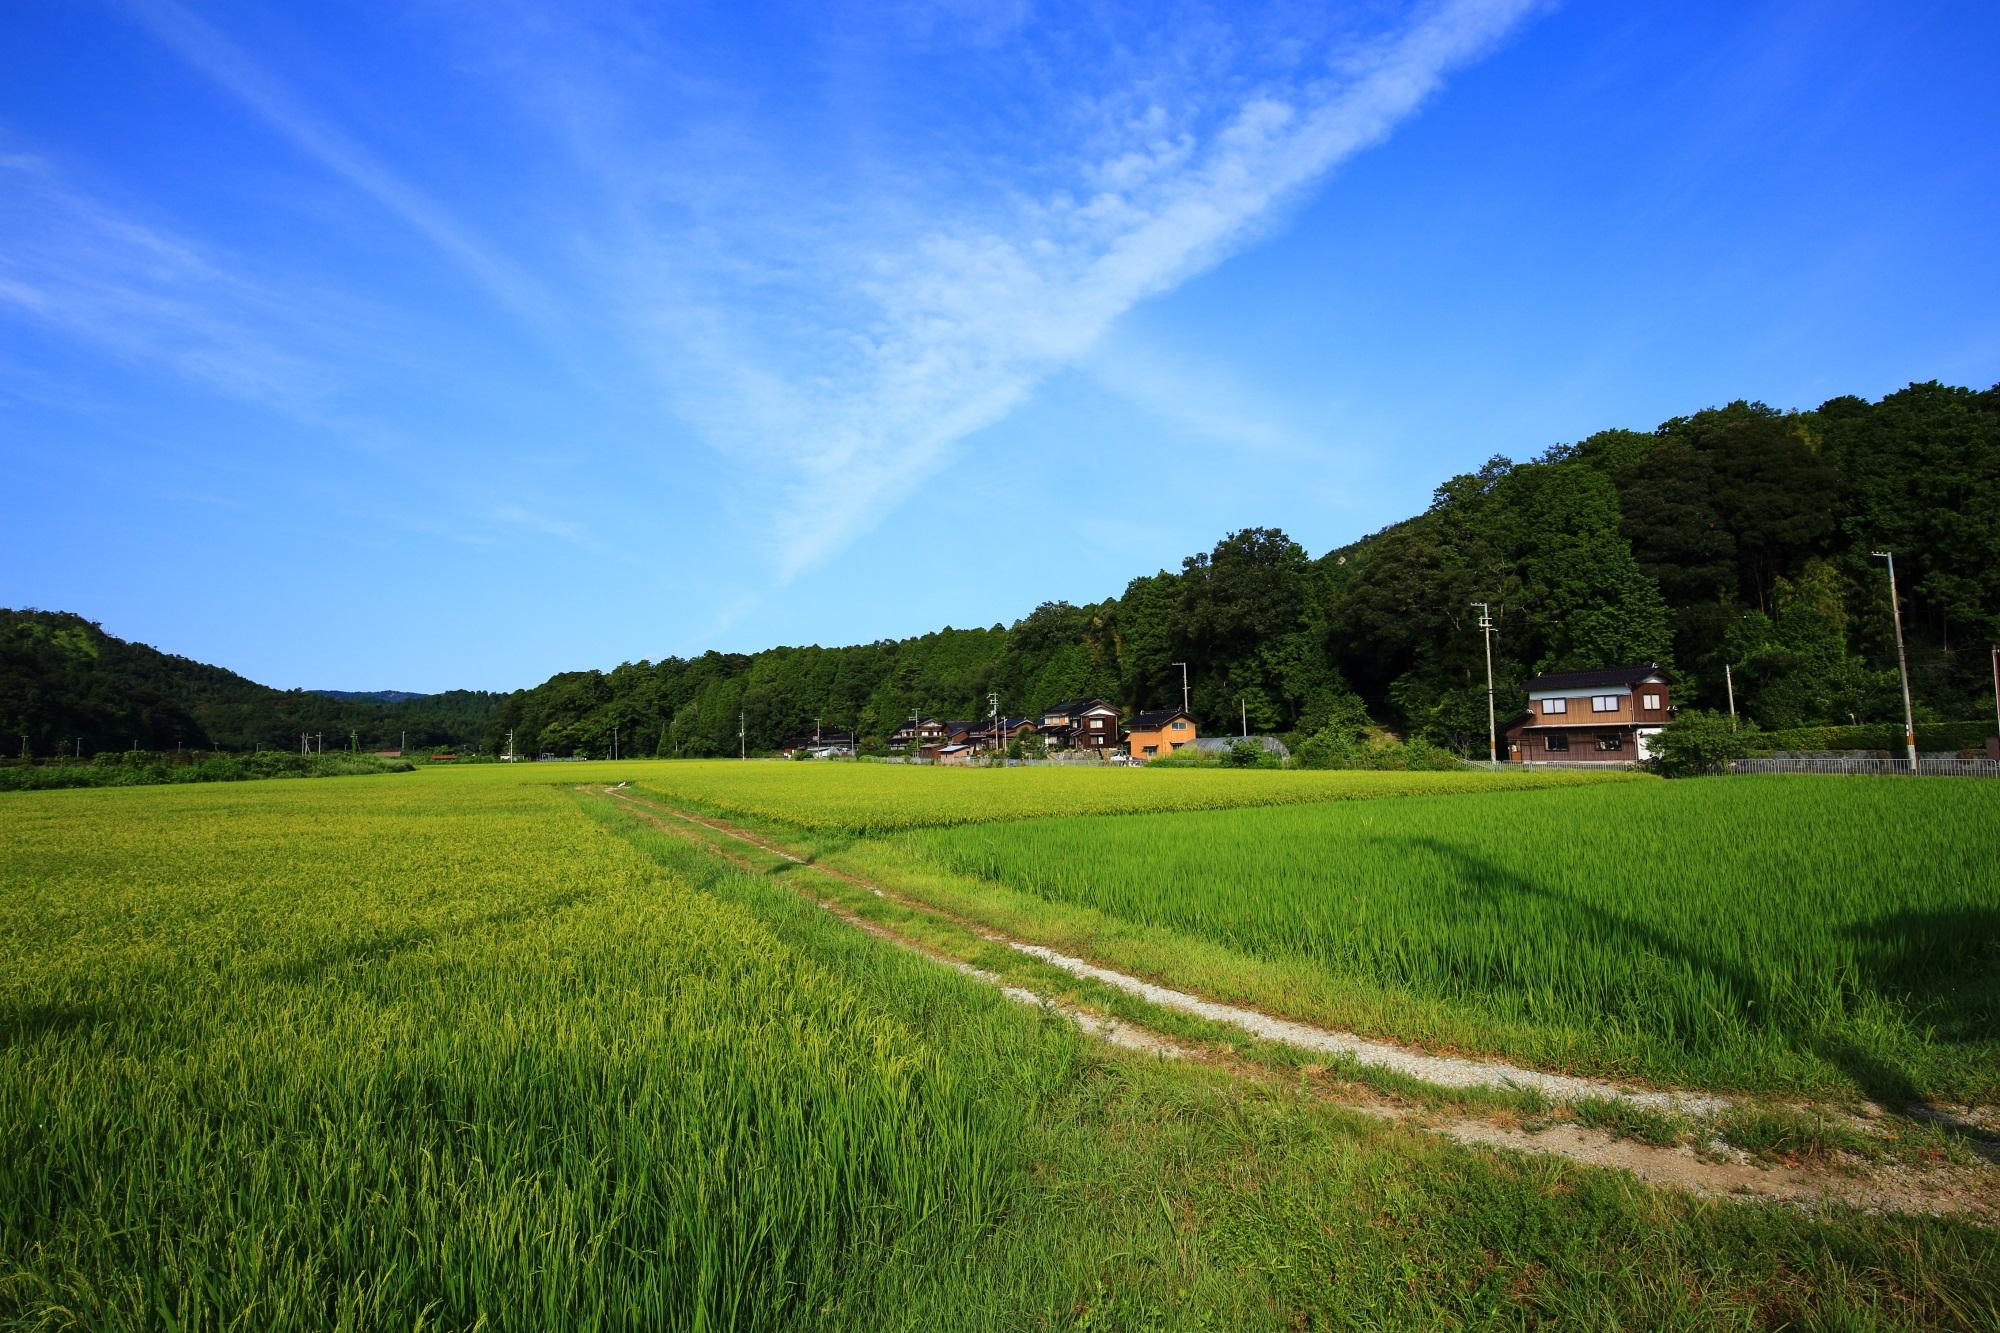 京丹後市久美浜町に広がる長閑な田園風景